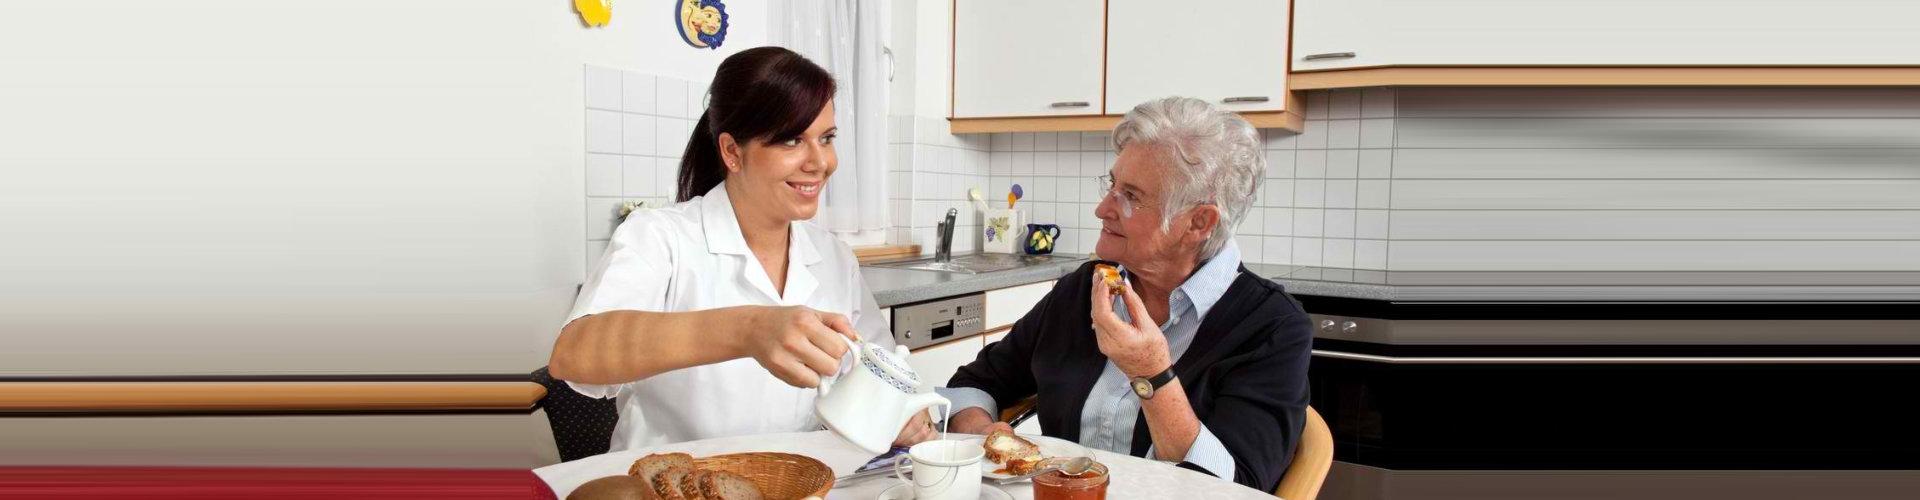 caregiver preparing food for senior woman